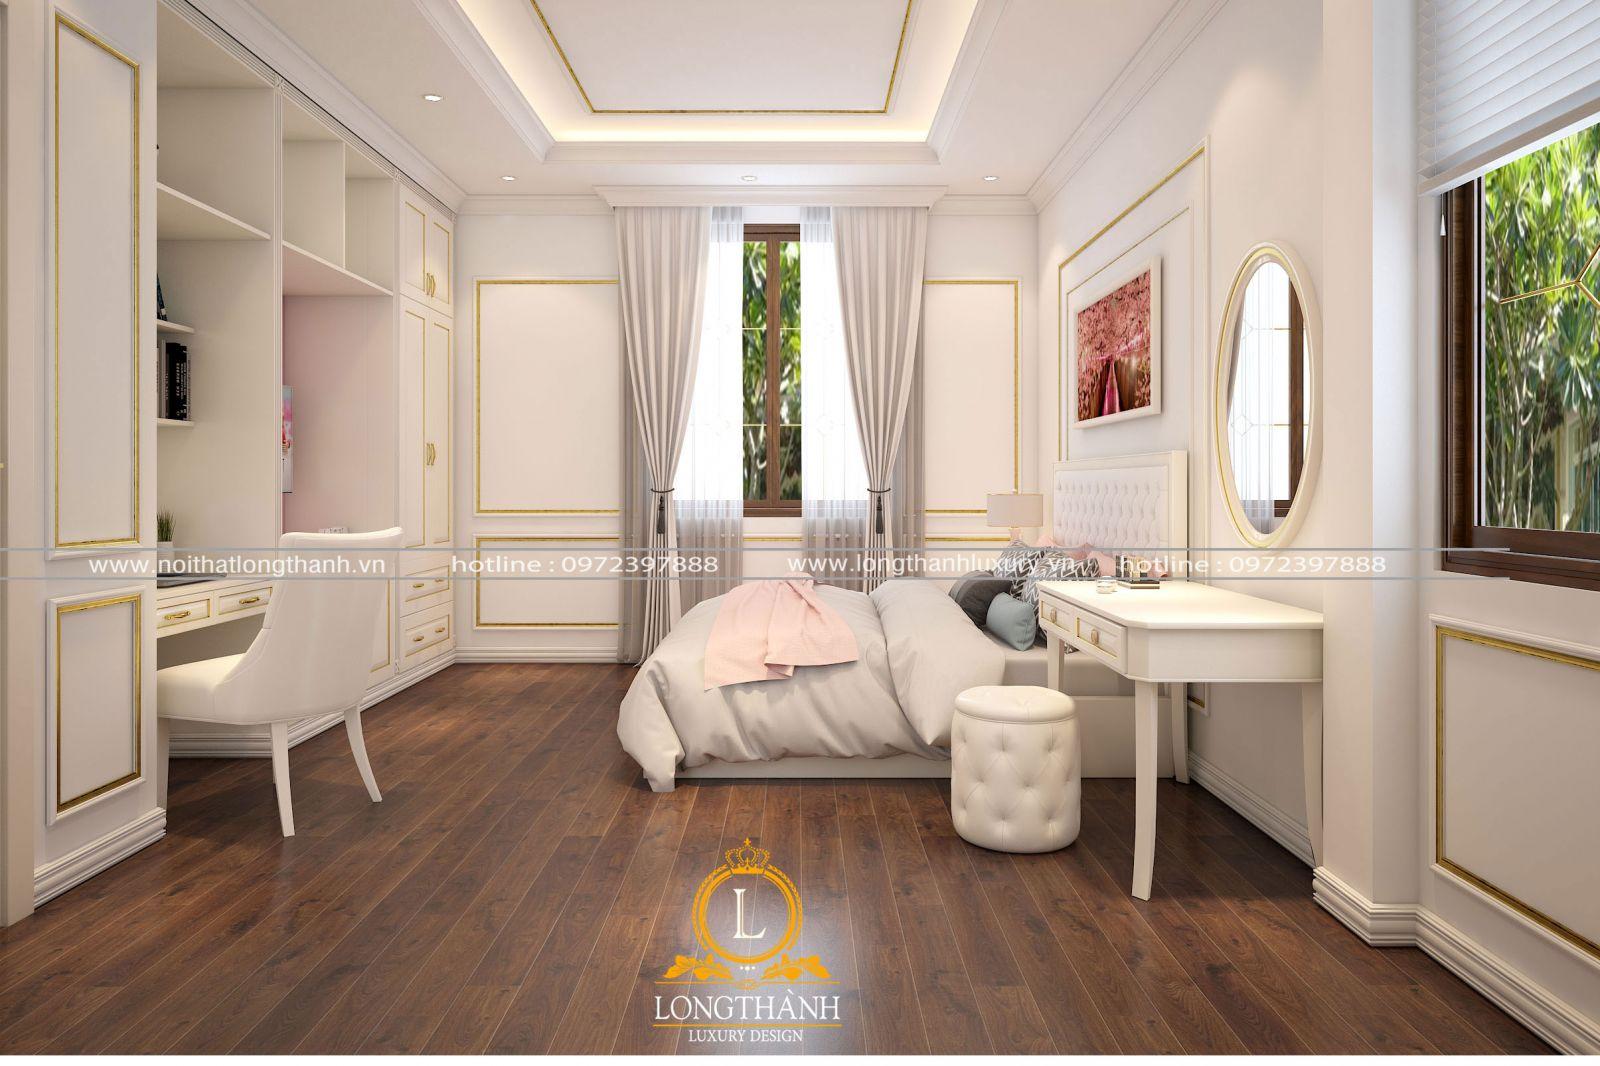 Phòng ngủ cho bé hiện đại nhẹ nhàng với màu sơn trắng